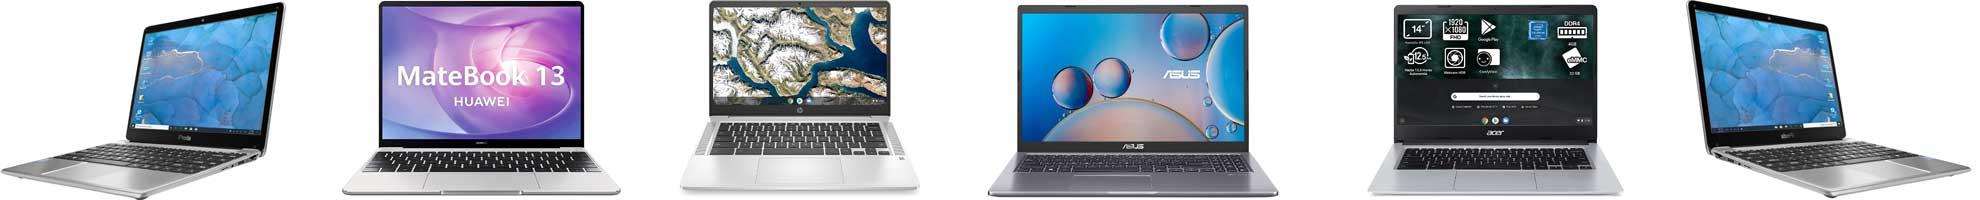 comprar ordenador portatil para casa con la mejor relación calidad precio y barato